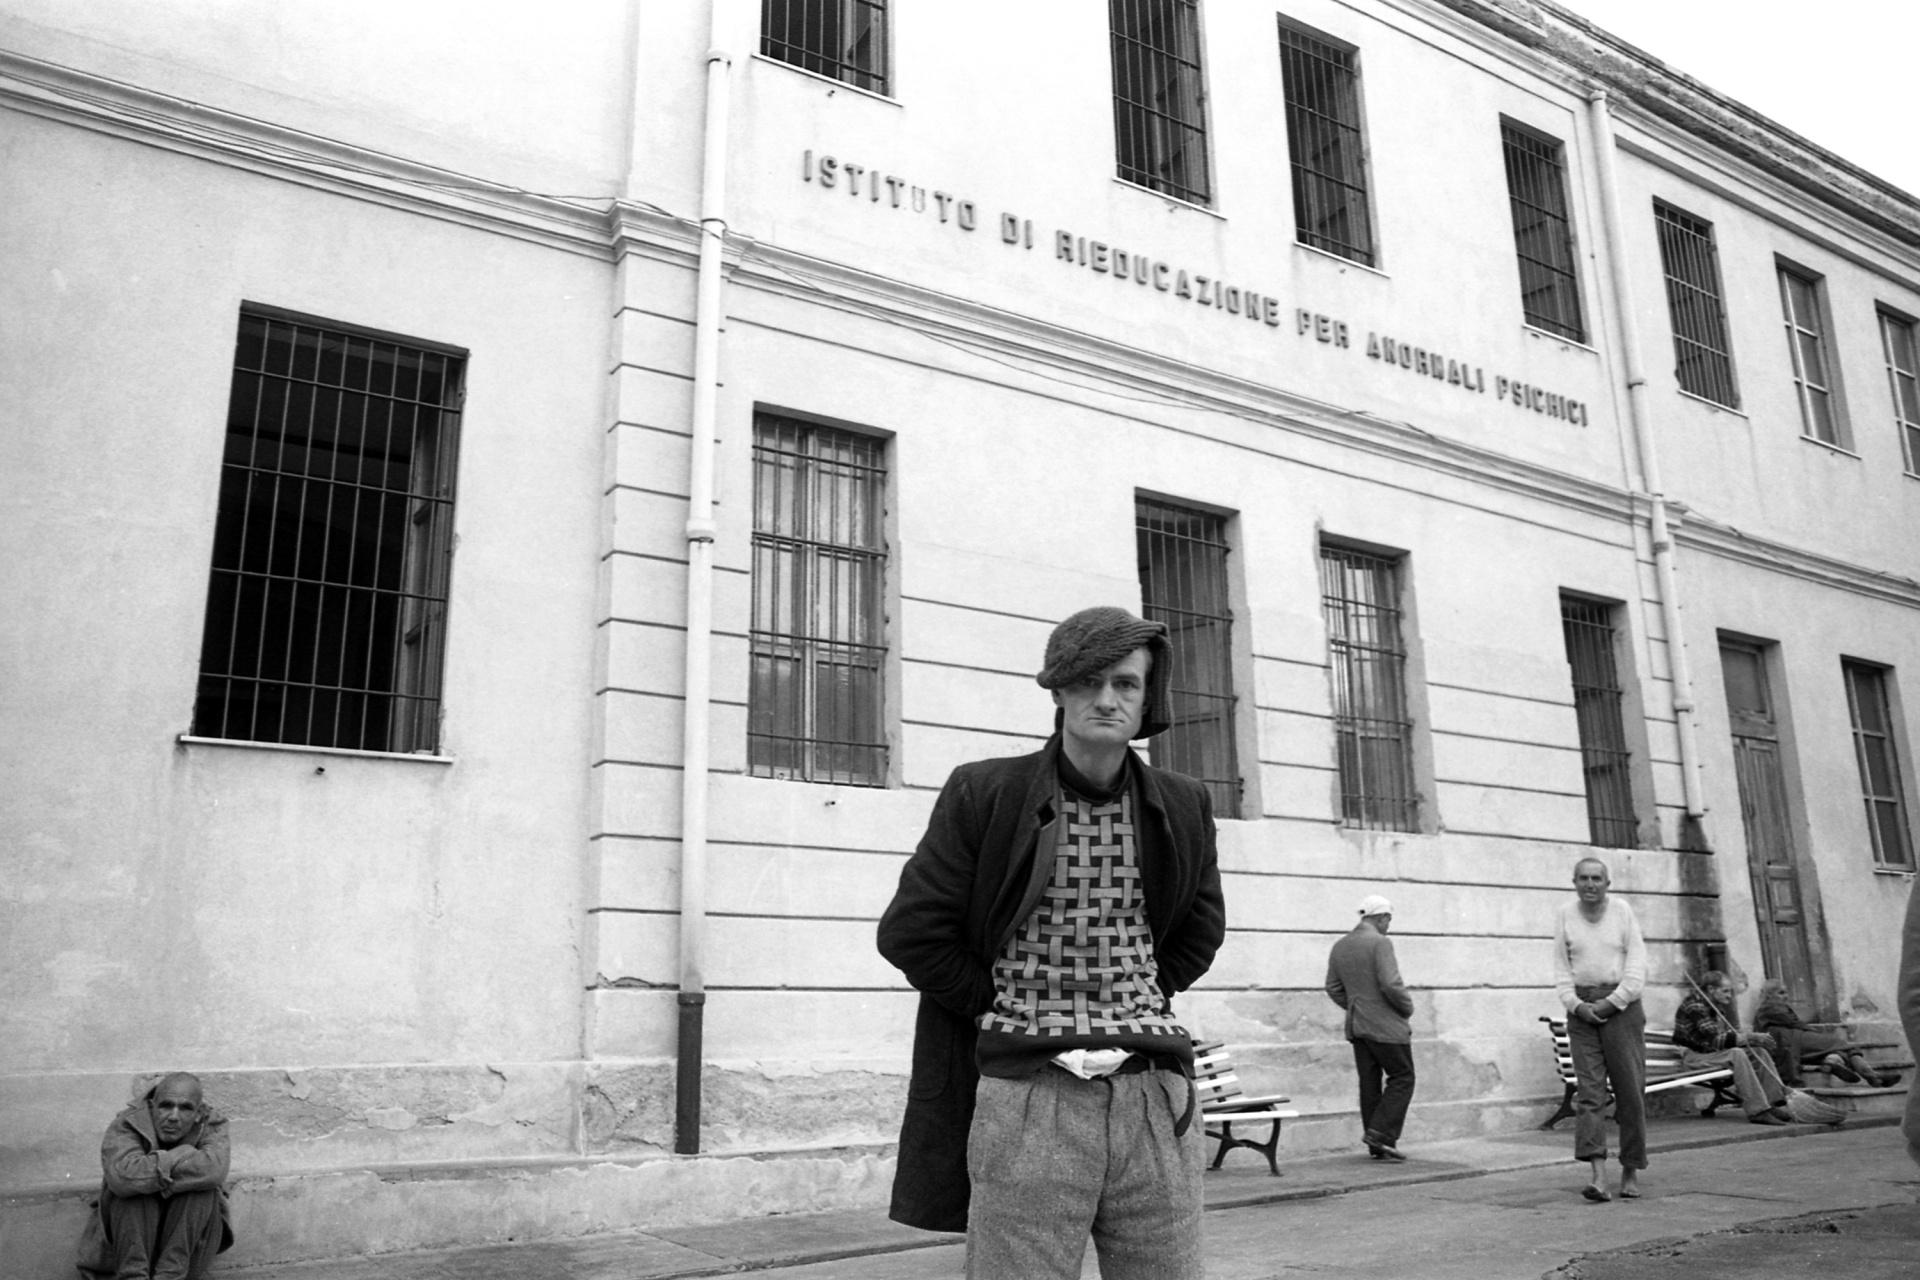 Prigionieri del silenzio - Viaggio nei manicomi calabresi, Il reportage sugli ex manicomi calabresi si compone di circa 1000 fotografie.